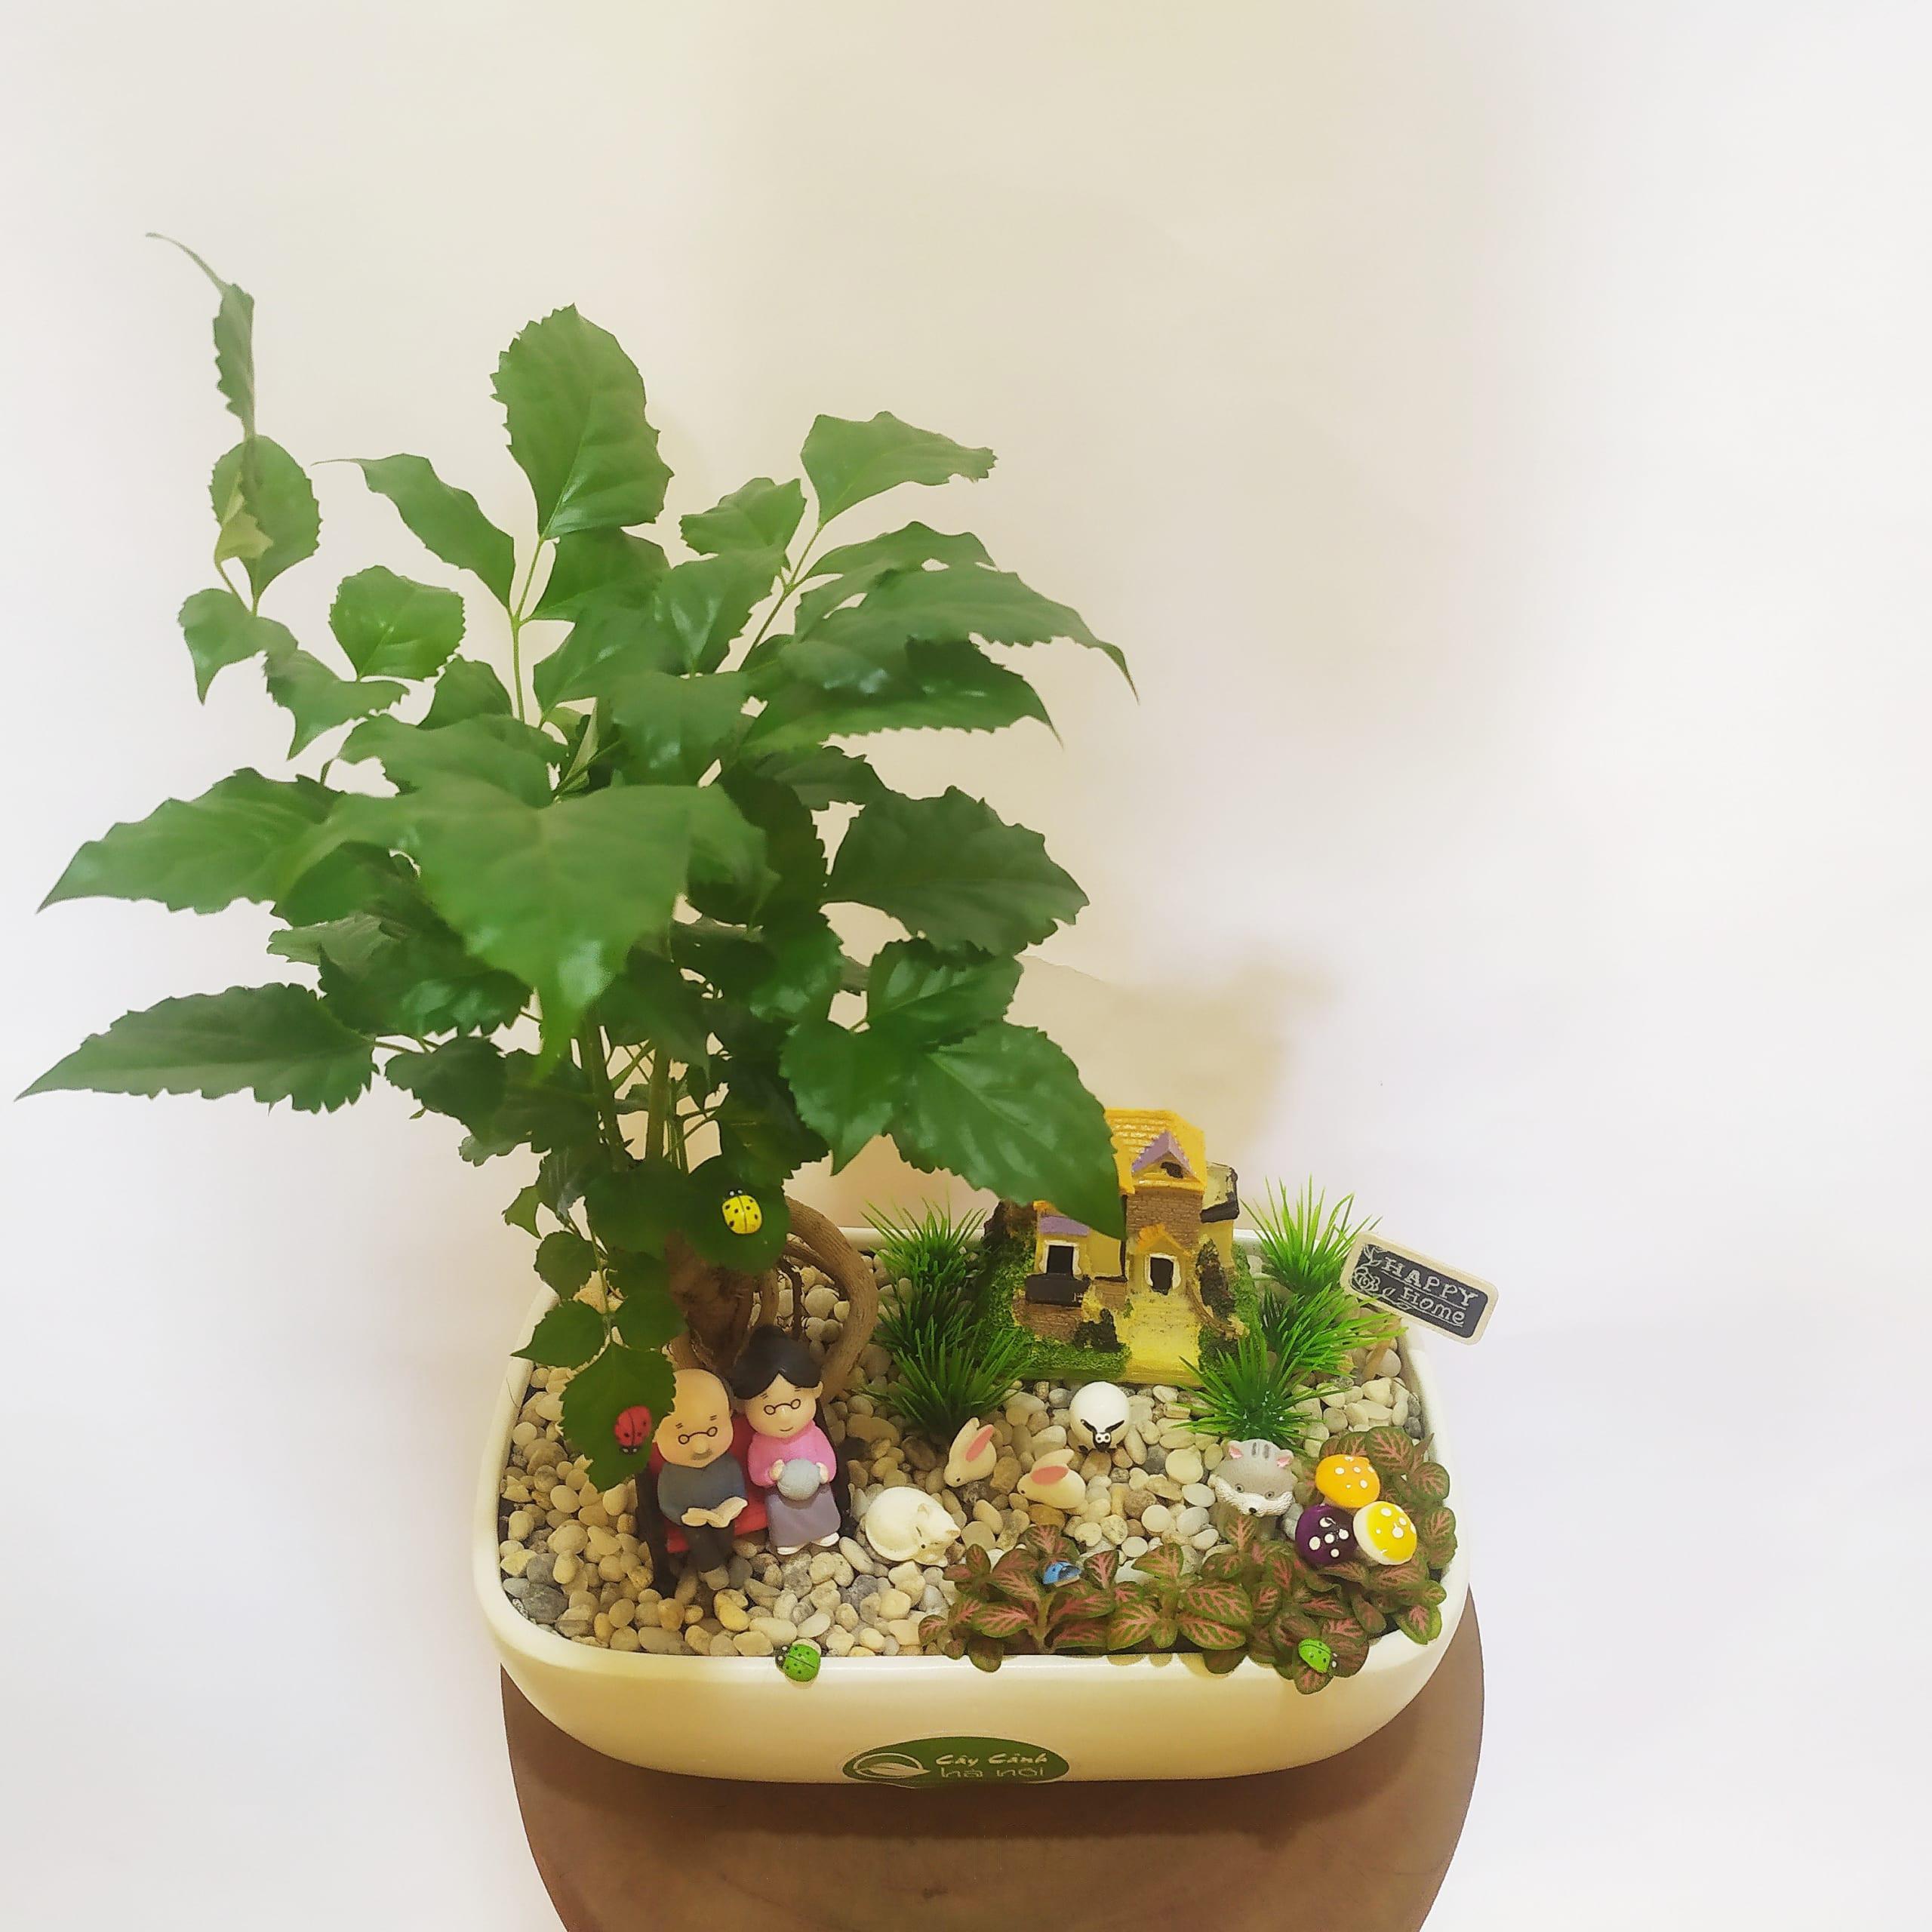 Hình ảnh chậu cây Hạnh phúc đẹp